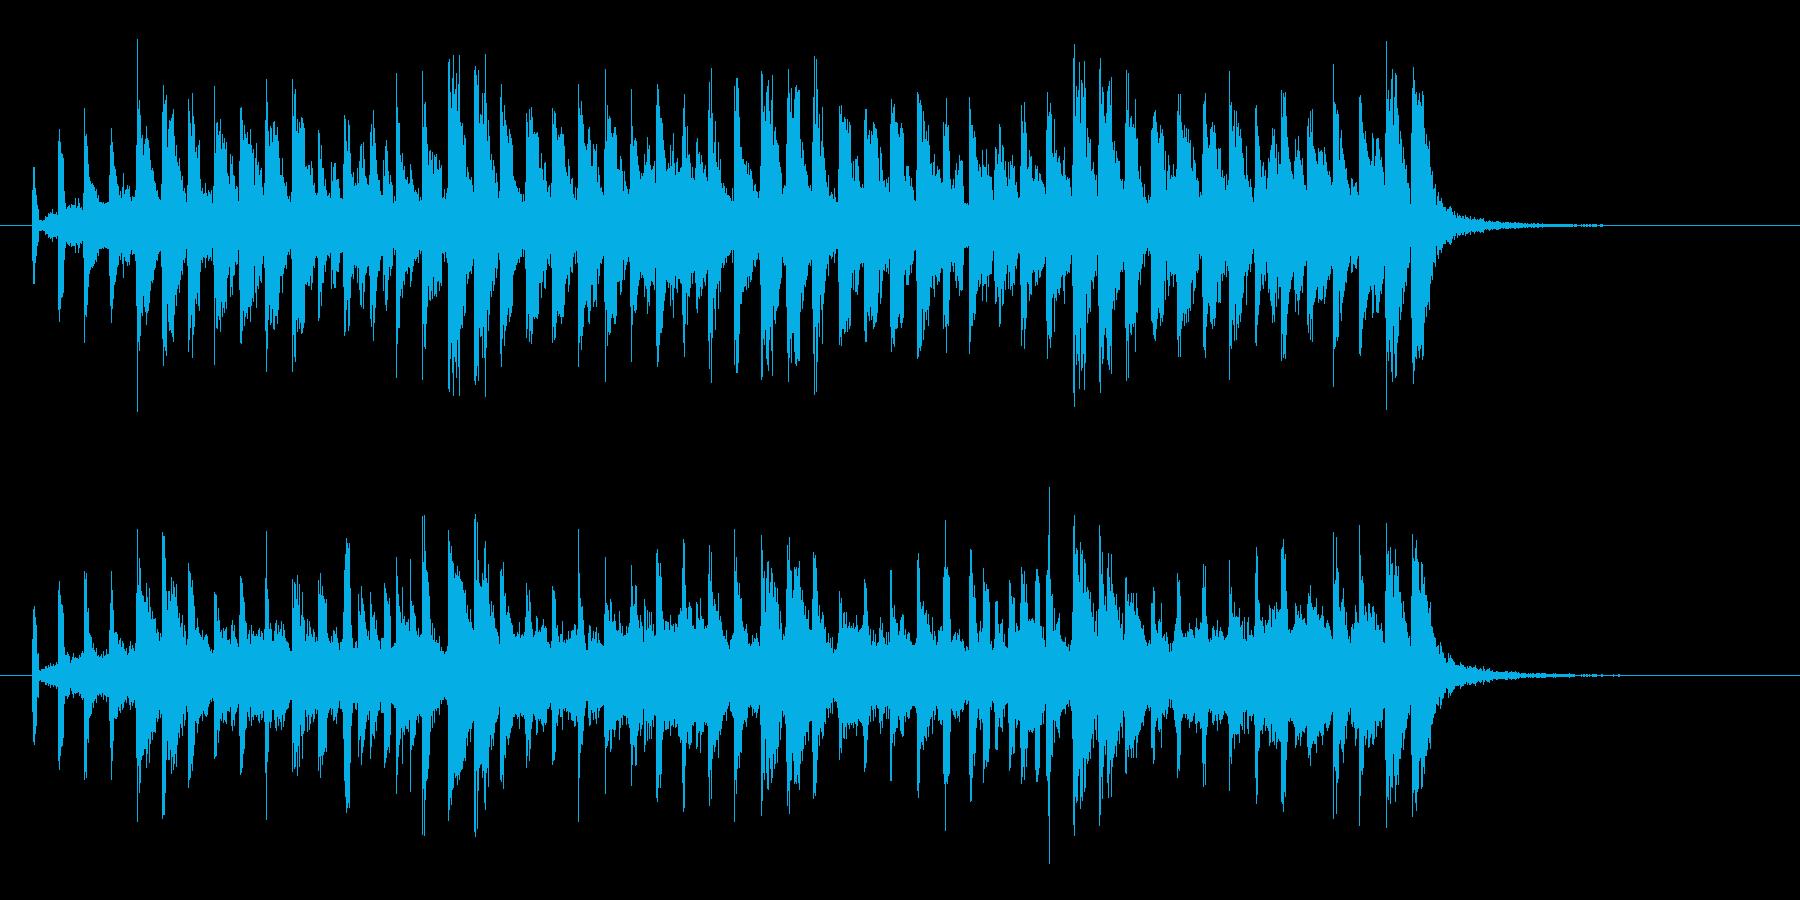 軽快なバンドによるポップスのジングルの再生済みの波形